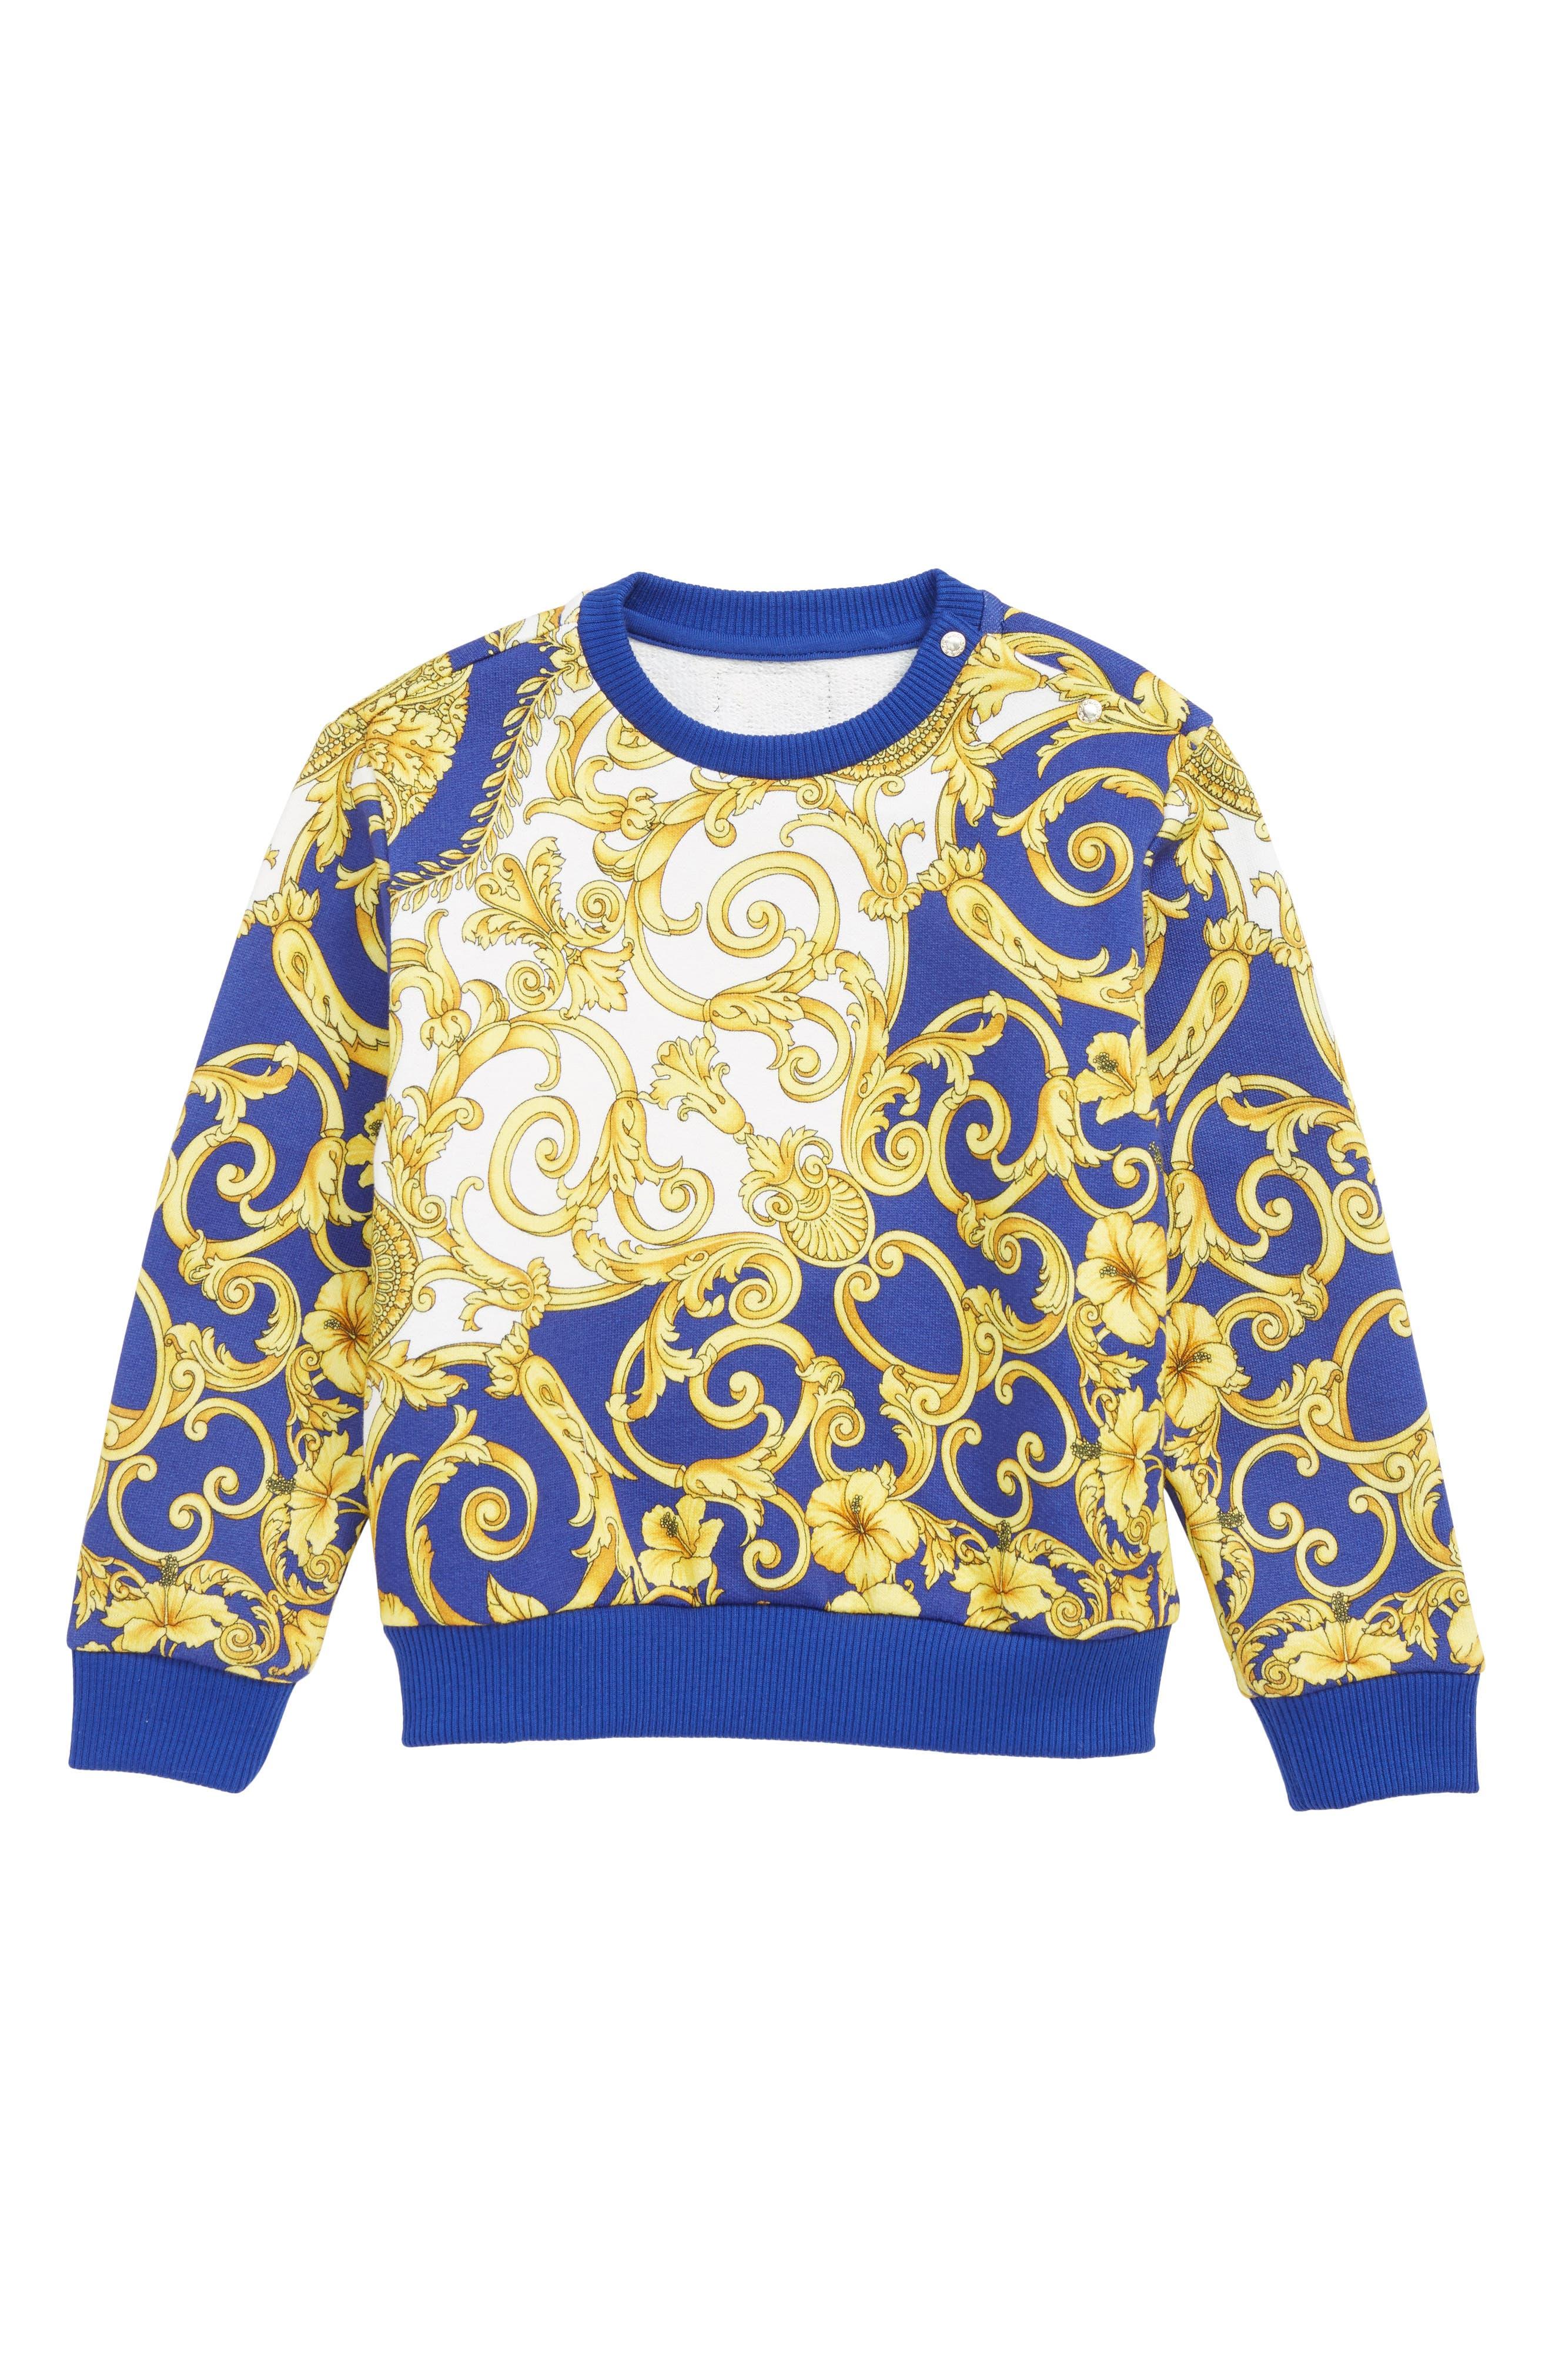 Infant Boys Versace Barocco Sweatshirt